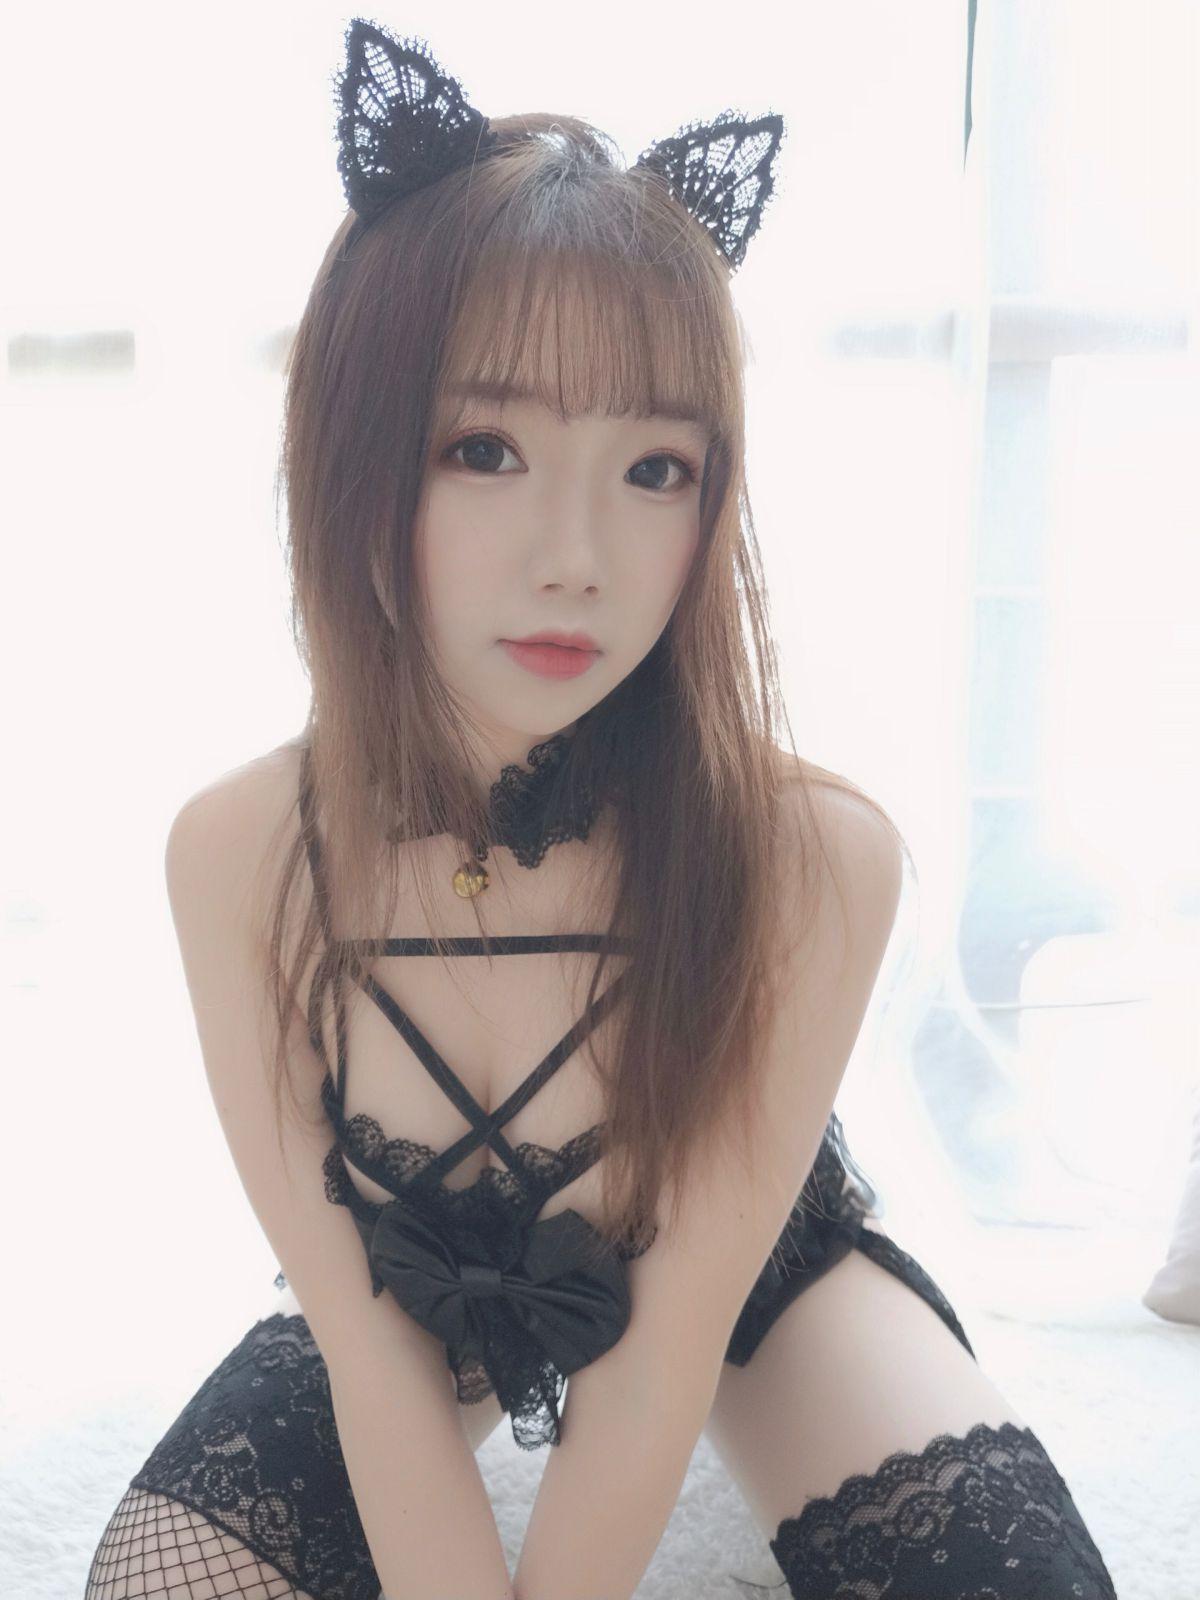 动漫博主雪晴Astra 黑猫猫[64P] 其他套图 第1张